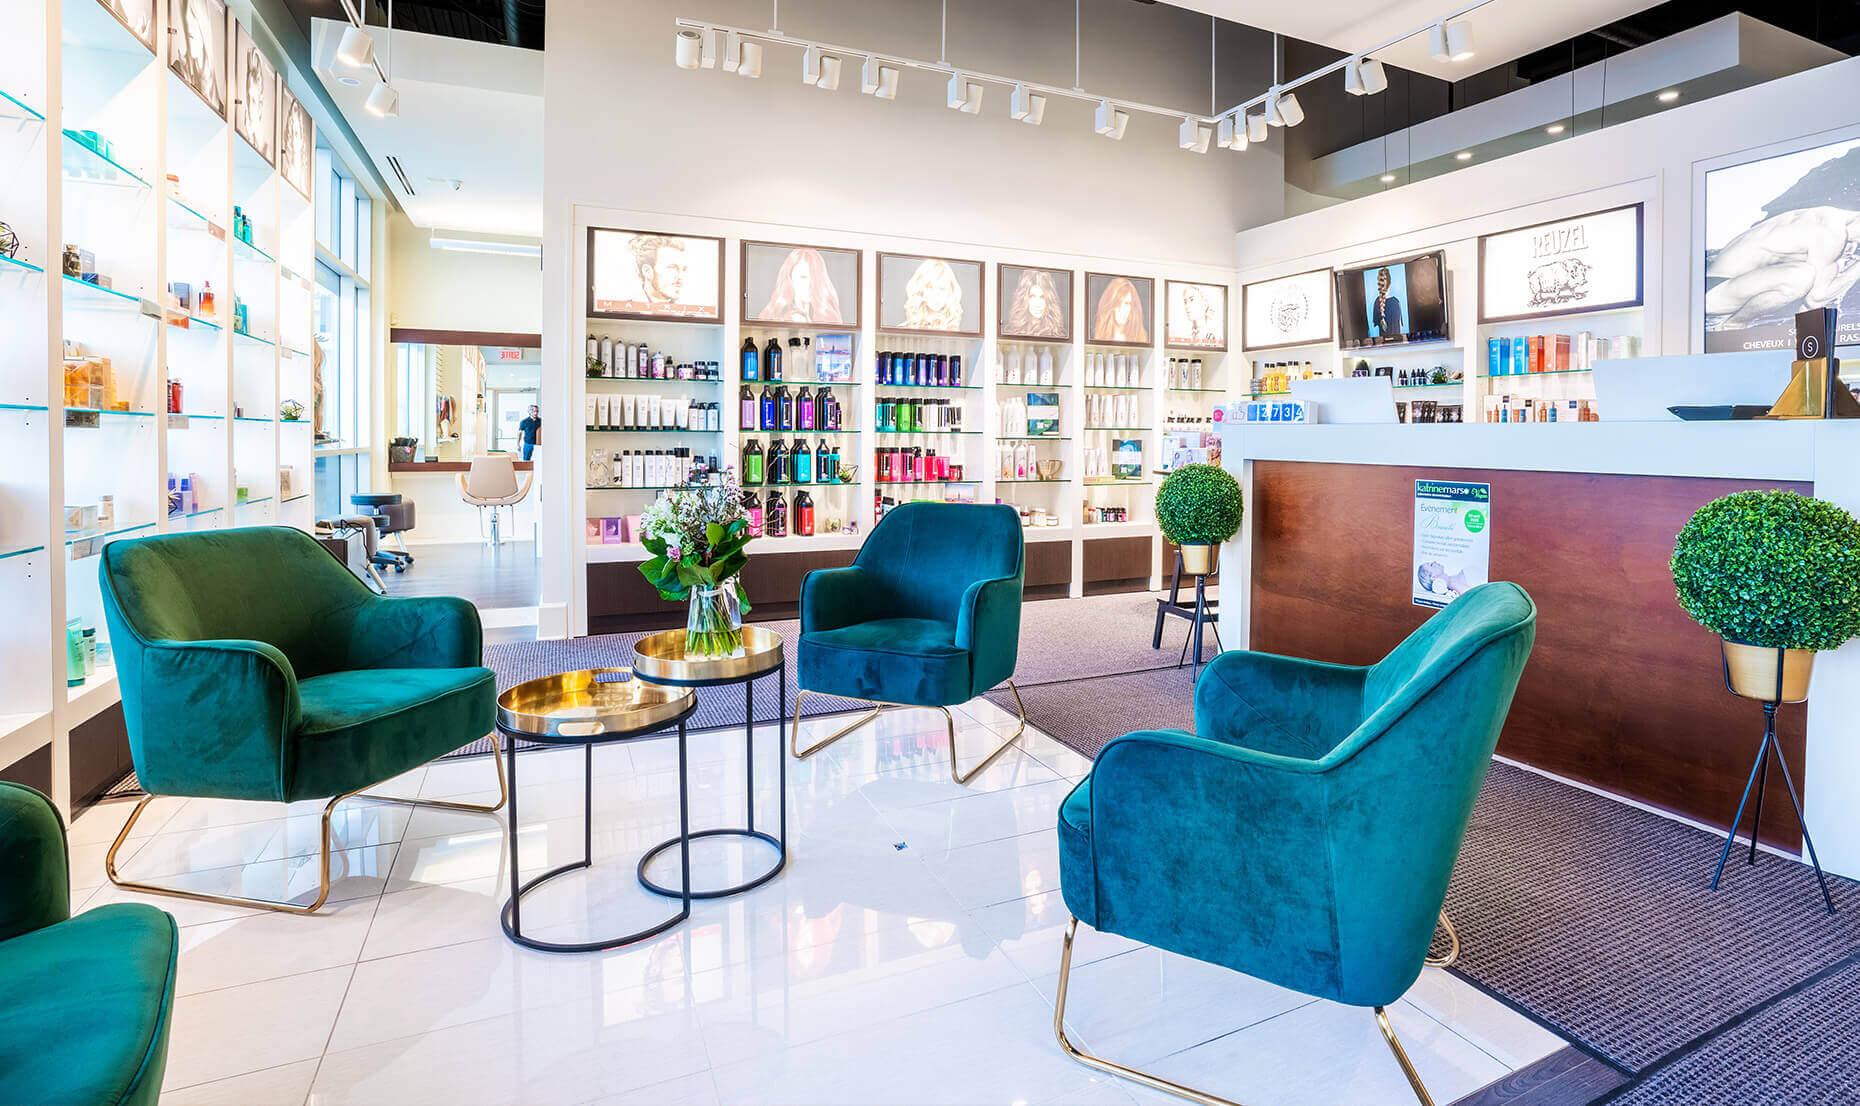 Salle d'attente | Boutique | Produits pour les cheveux